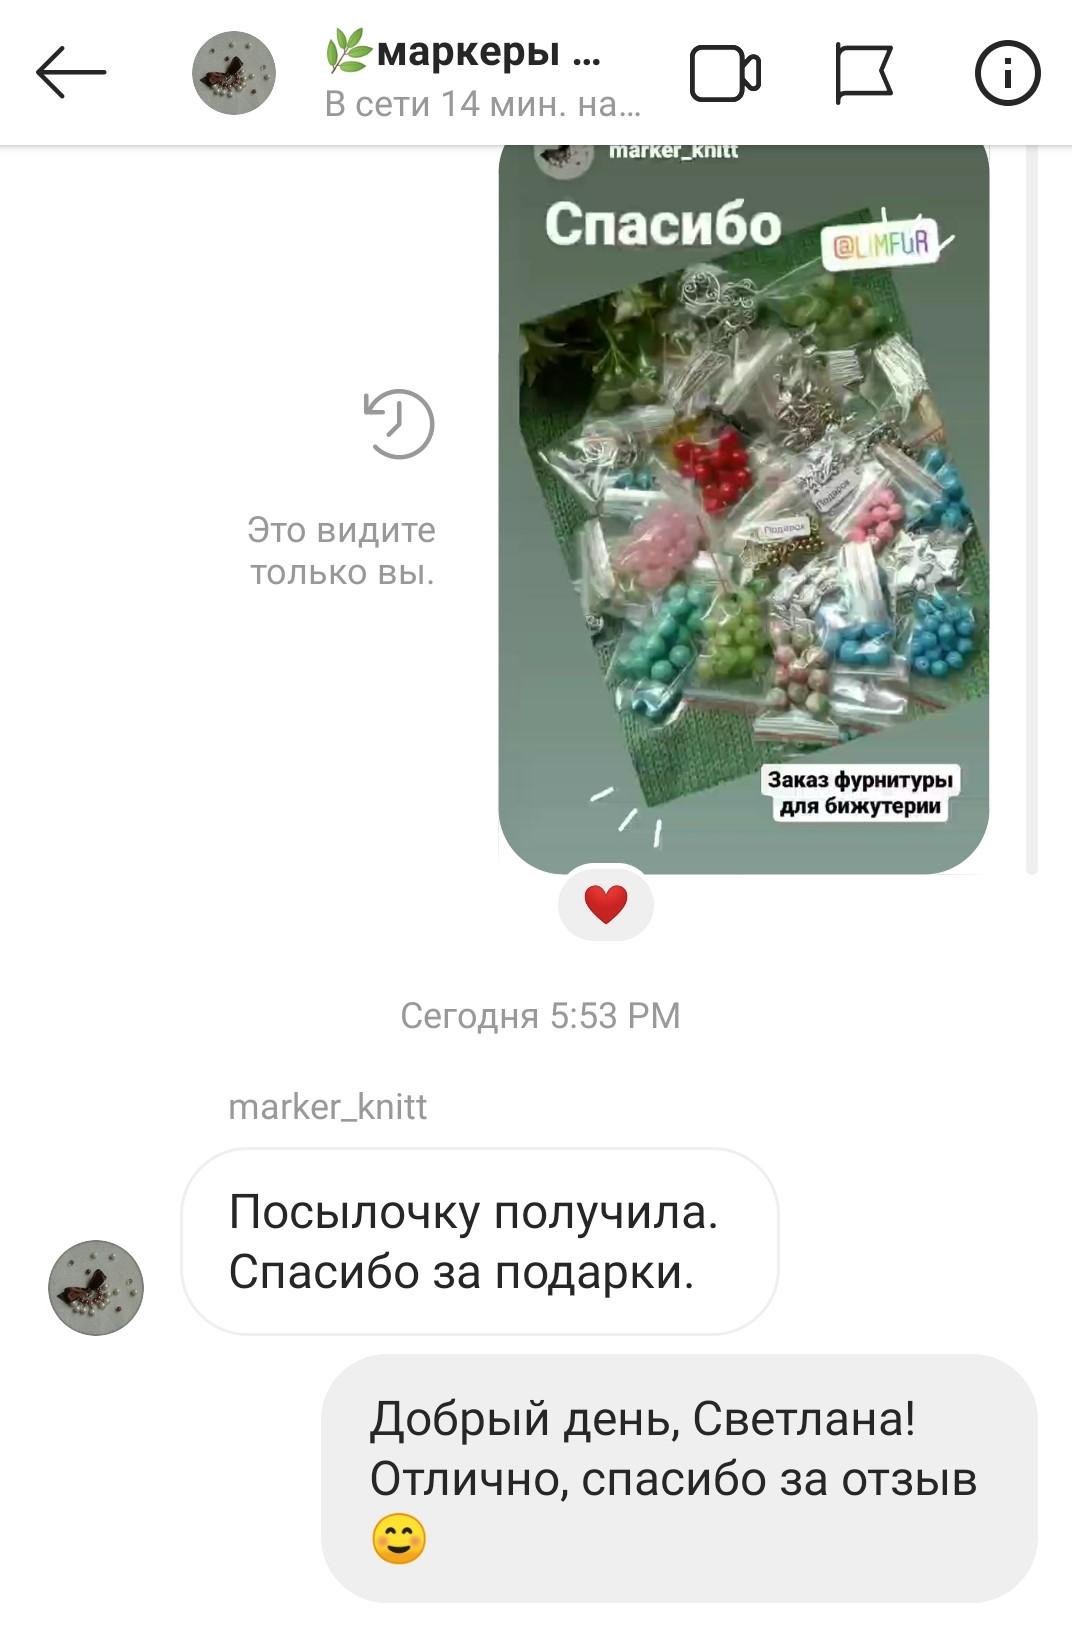 отзыв из инстаграм